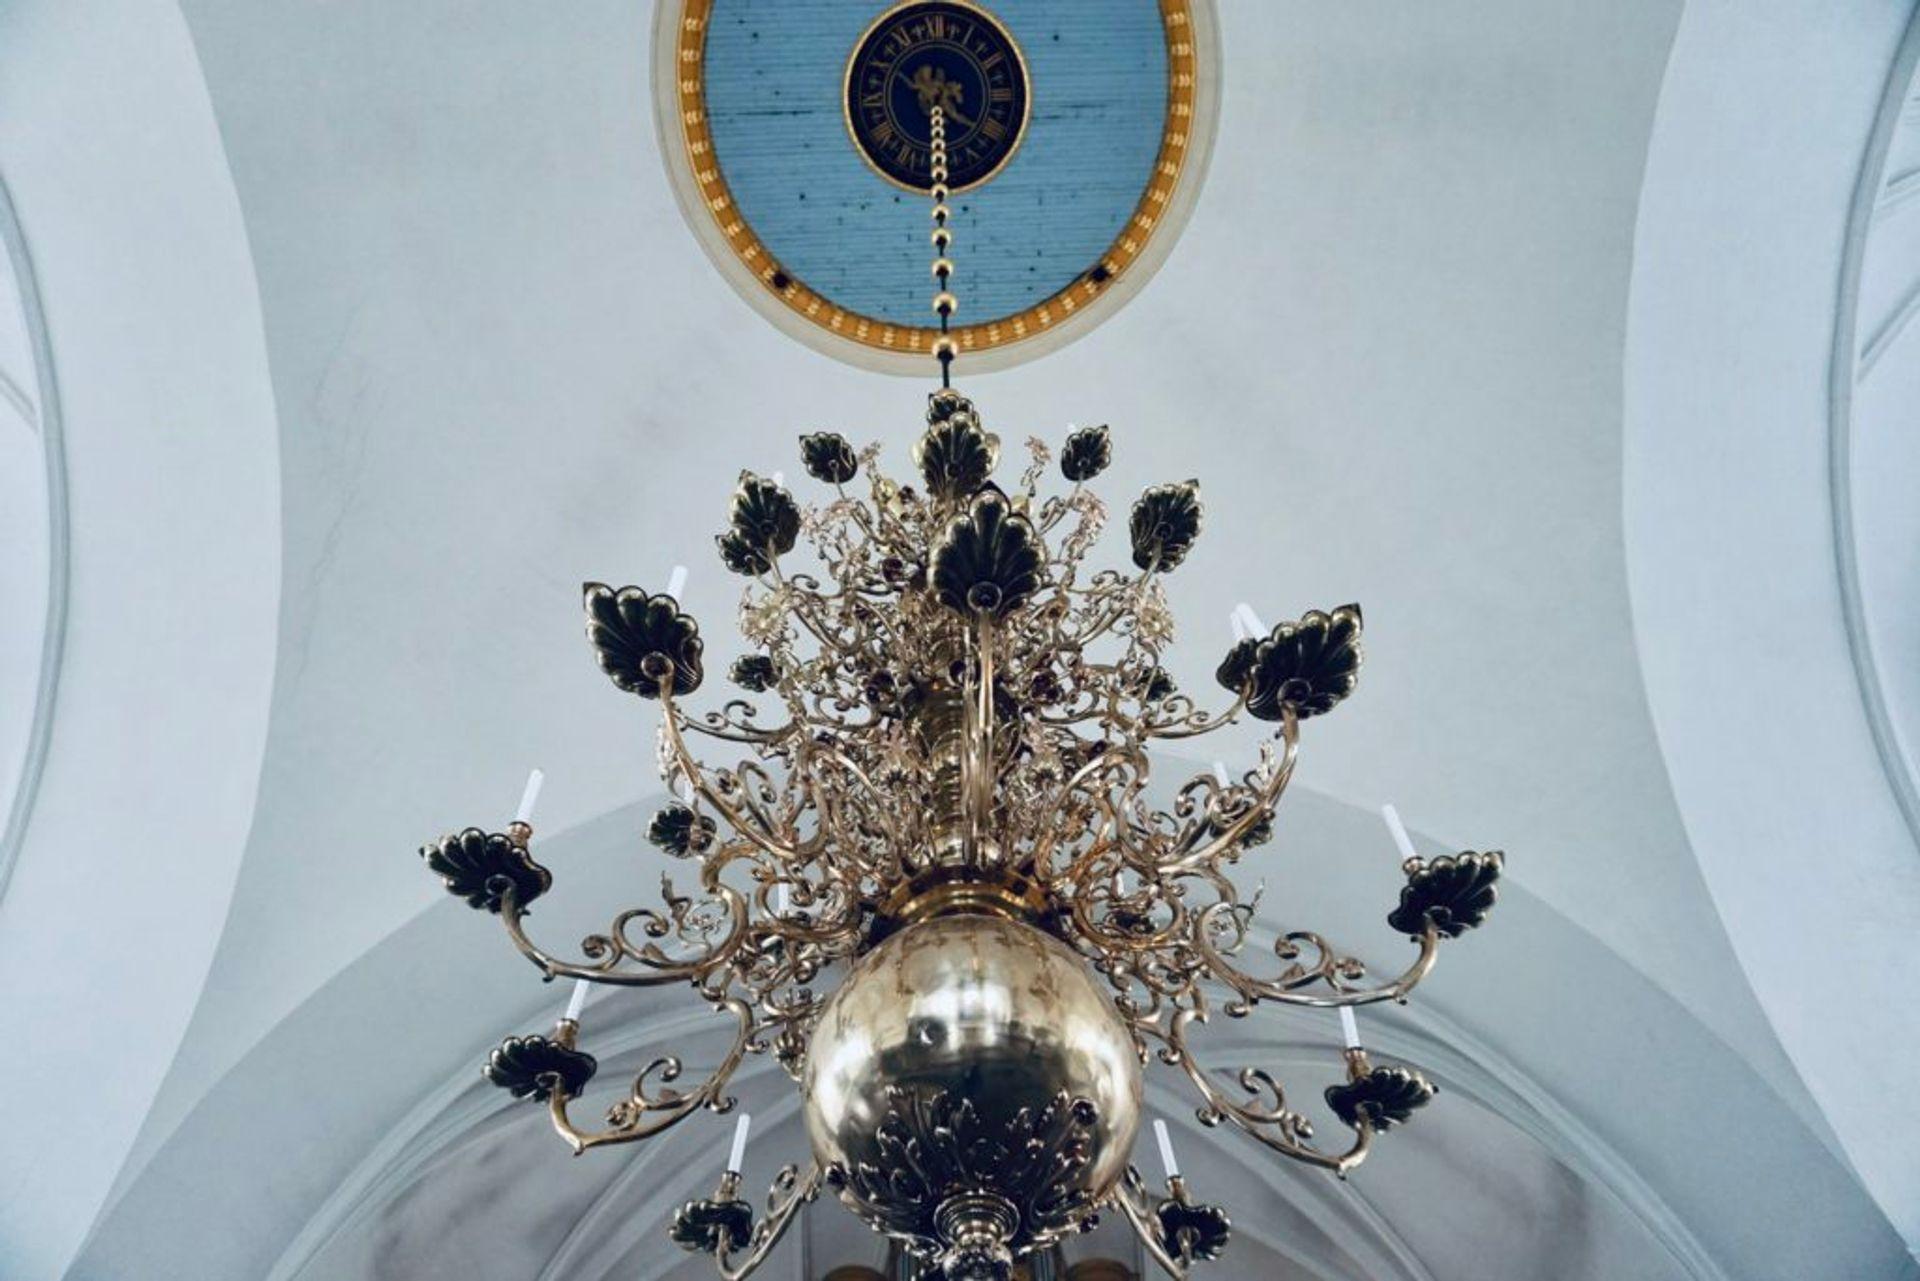 A chandalier in a church.